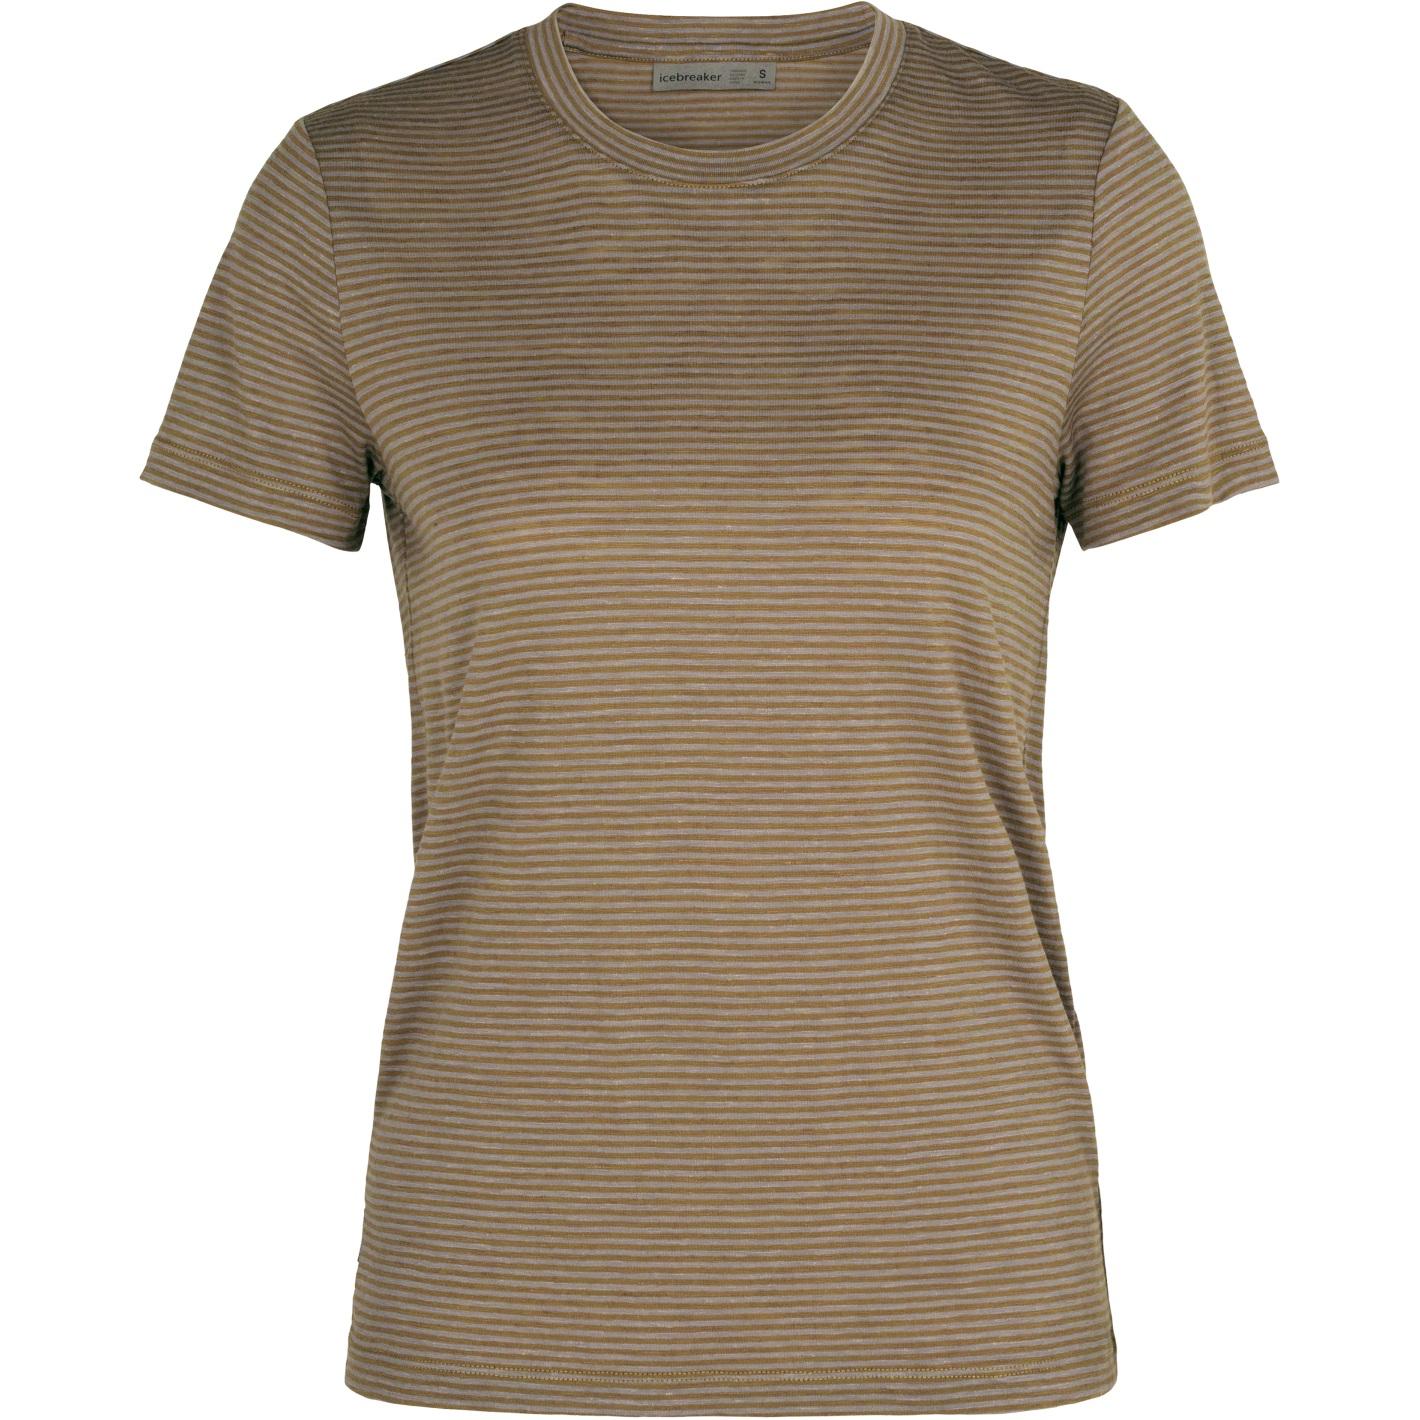 Produktbild von Icebreaker Dowlas Crewe Stripe Damen T-Shirt - Flint